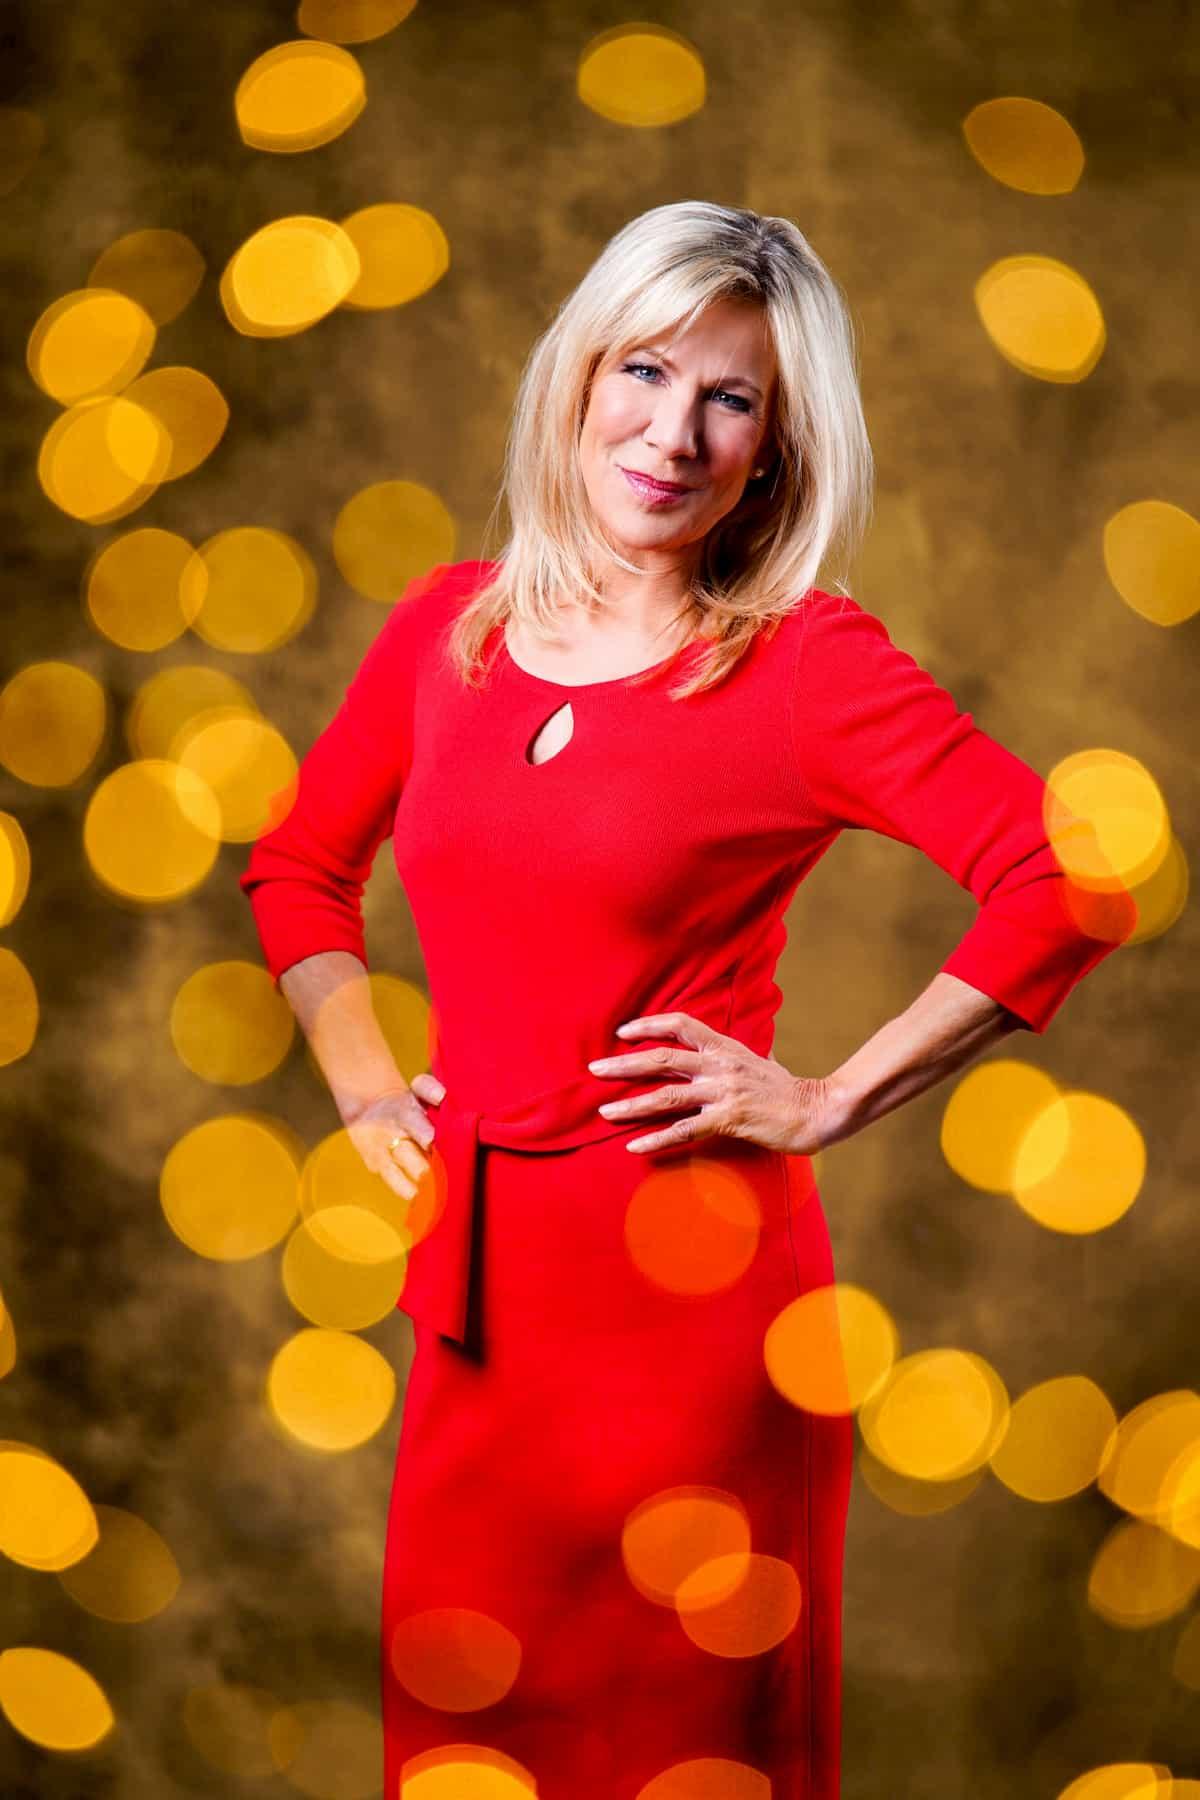 Ulrike von der Groeben bei Let's dance 2020 Prominente Kandidatin